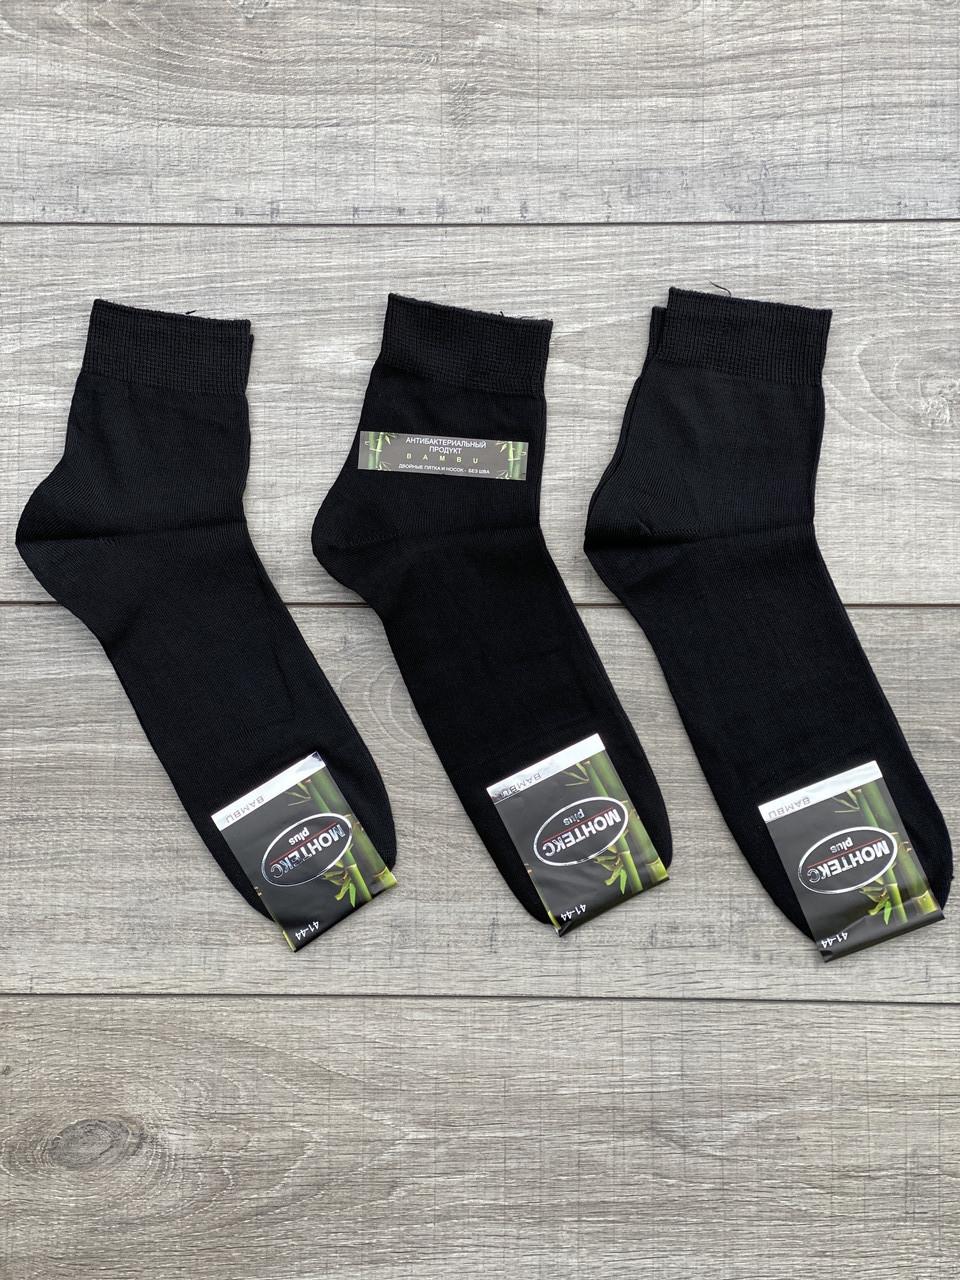 Чоловічі шкарпетки безшовні носки середні бамбук Монтекс однотонні 200 голок 41-44 12 шт в уп мікс кольорів